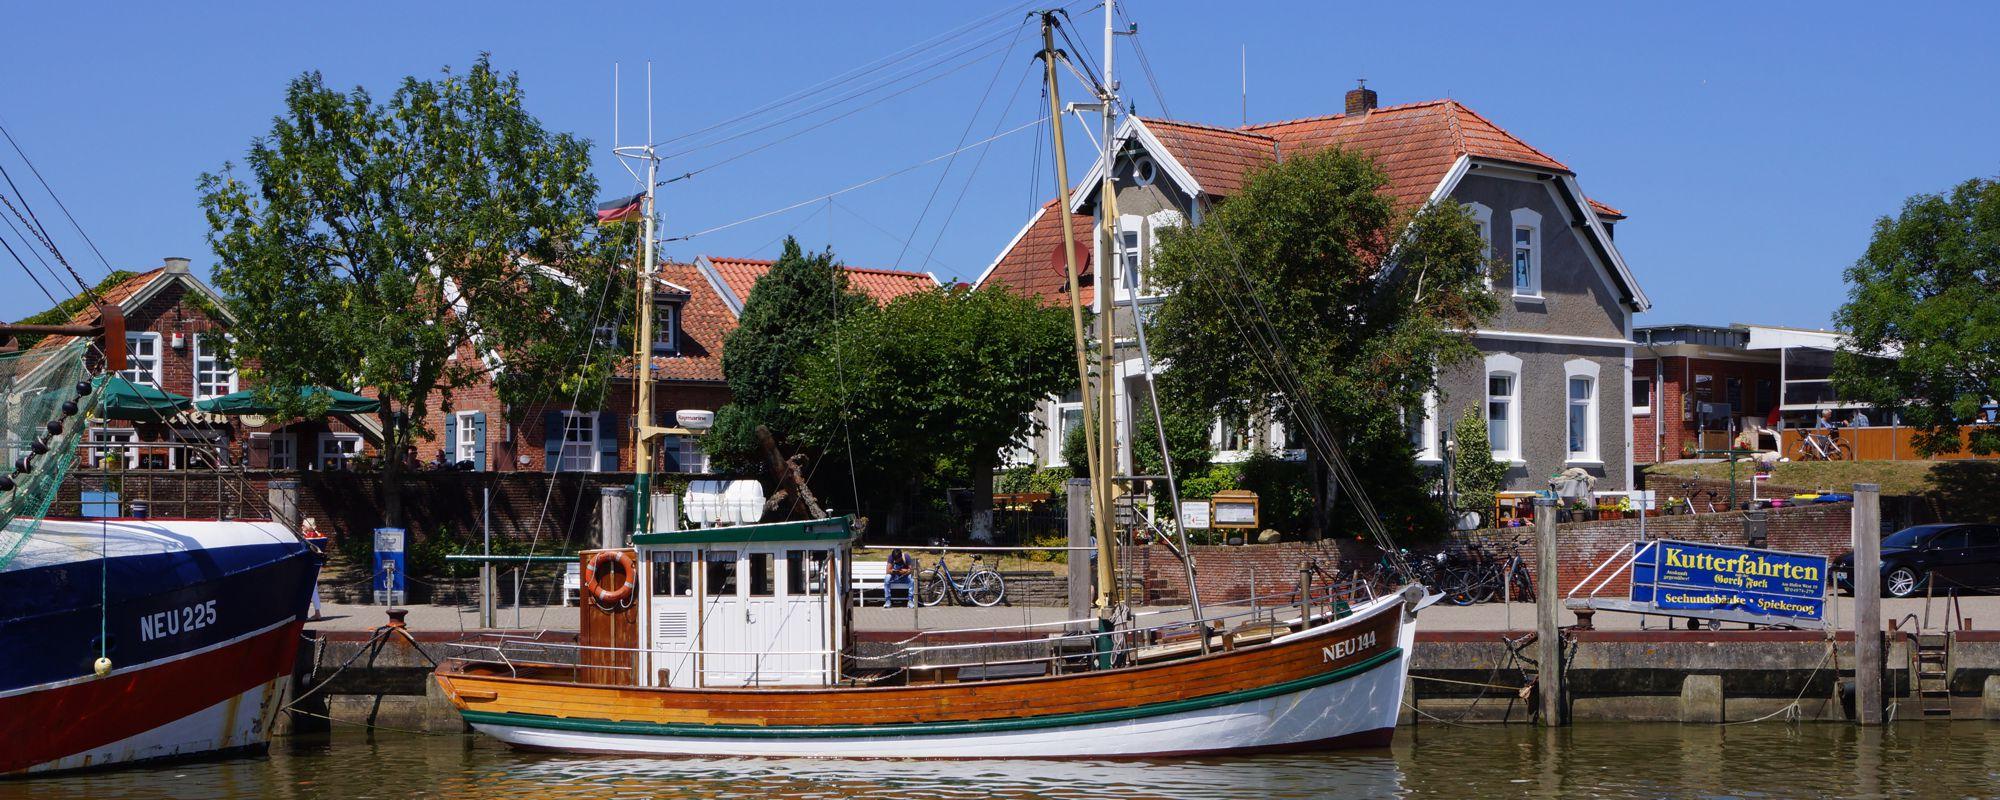 Ehemaliger Krabbenkutter und Traditionsschiff Lulu Meinders